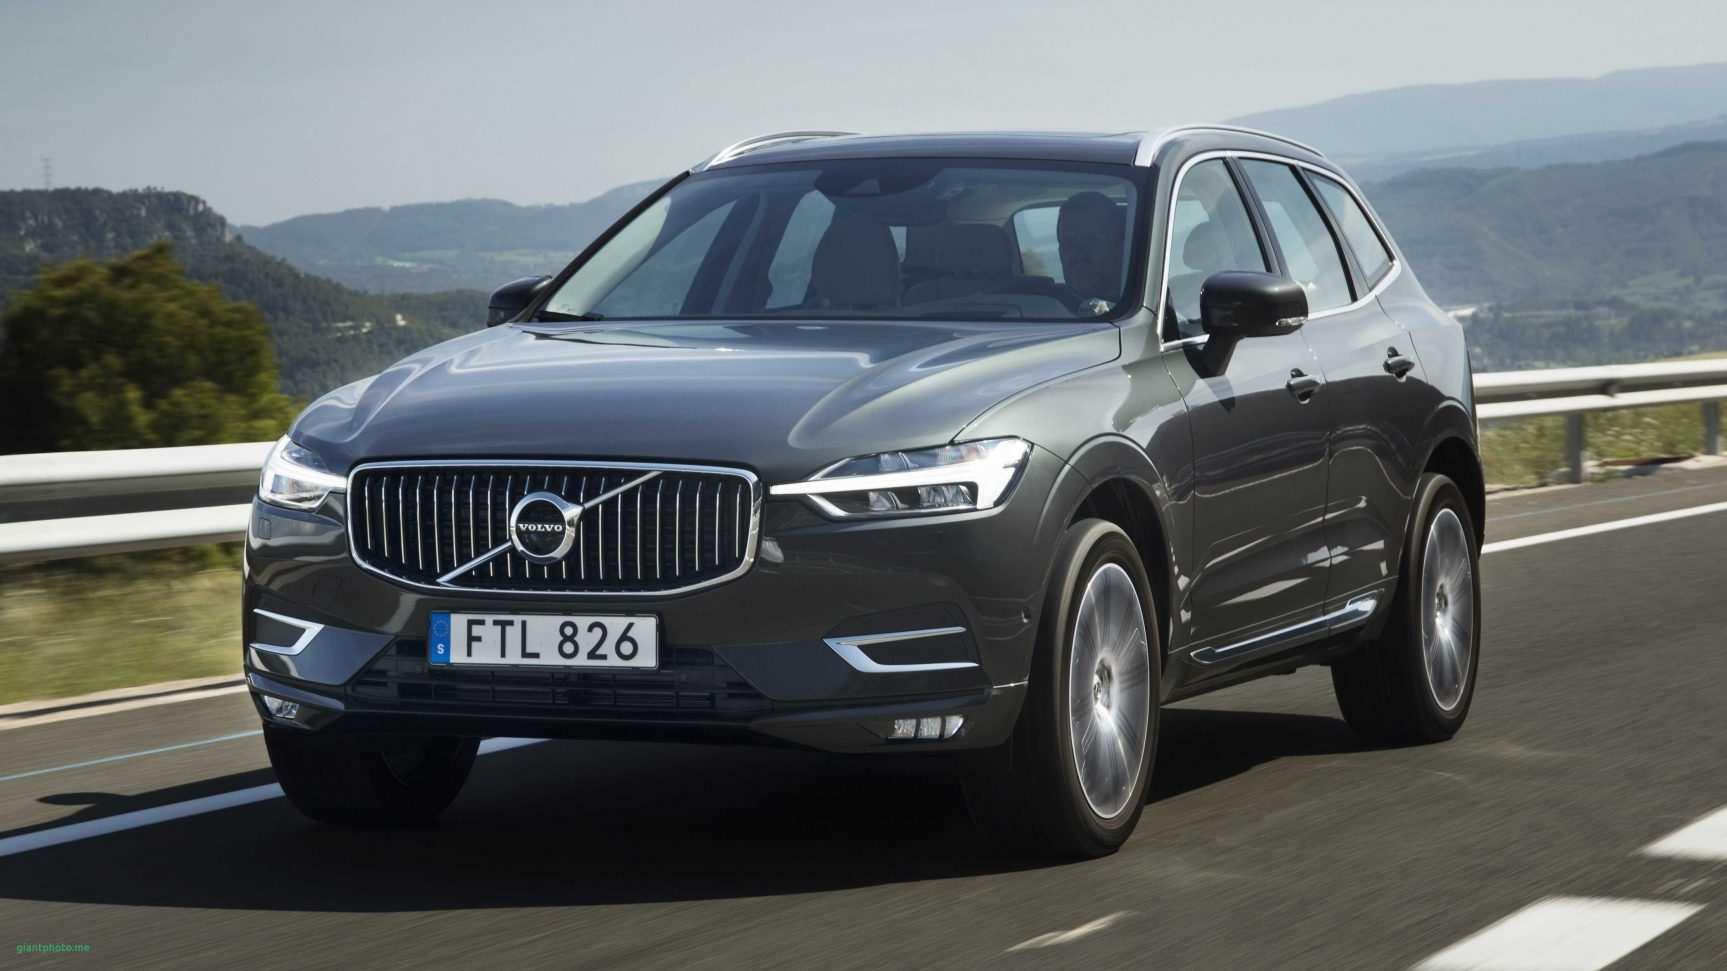 27 New Volvo Facelift 2020 Spesification for Volvo Facelift 2020